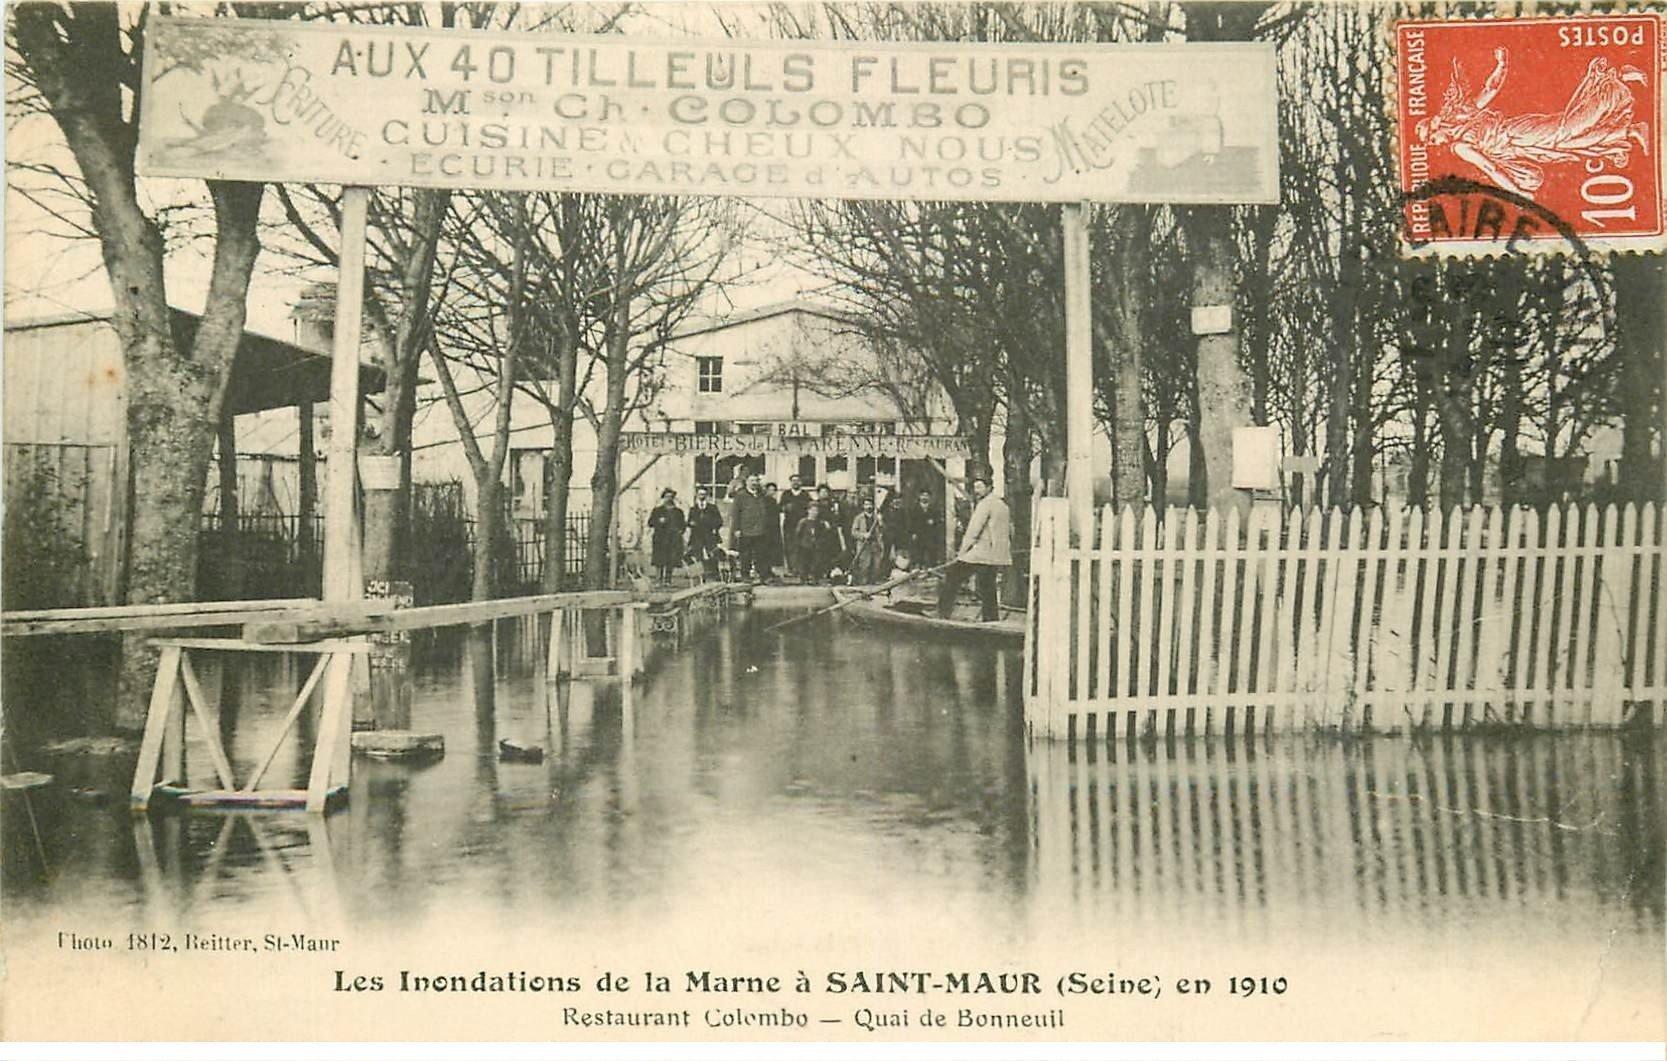 carte postale ancienne Inondation et Crue de 1910. SAINT-MAUR 94. Quai de Bonneuil Restaurant Colombo Aux 40 Tilleuls fleuris